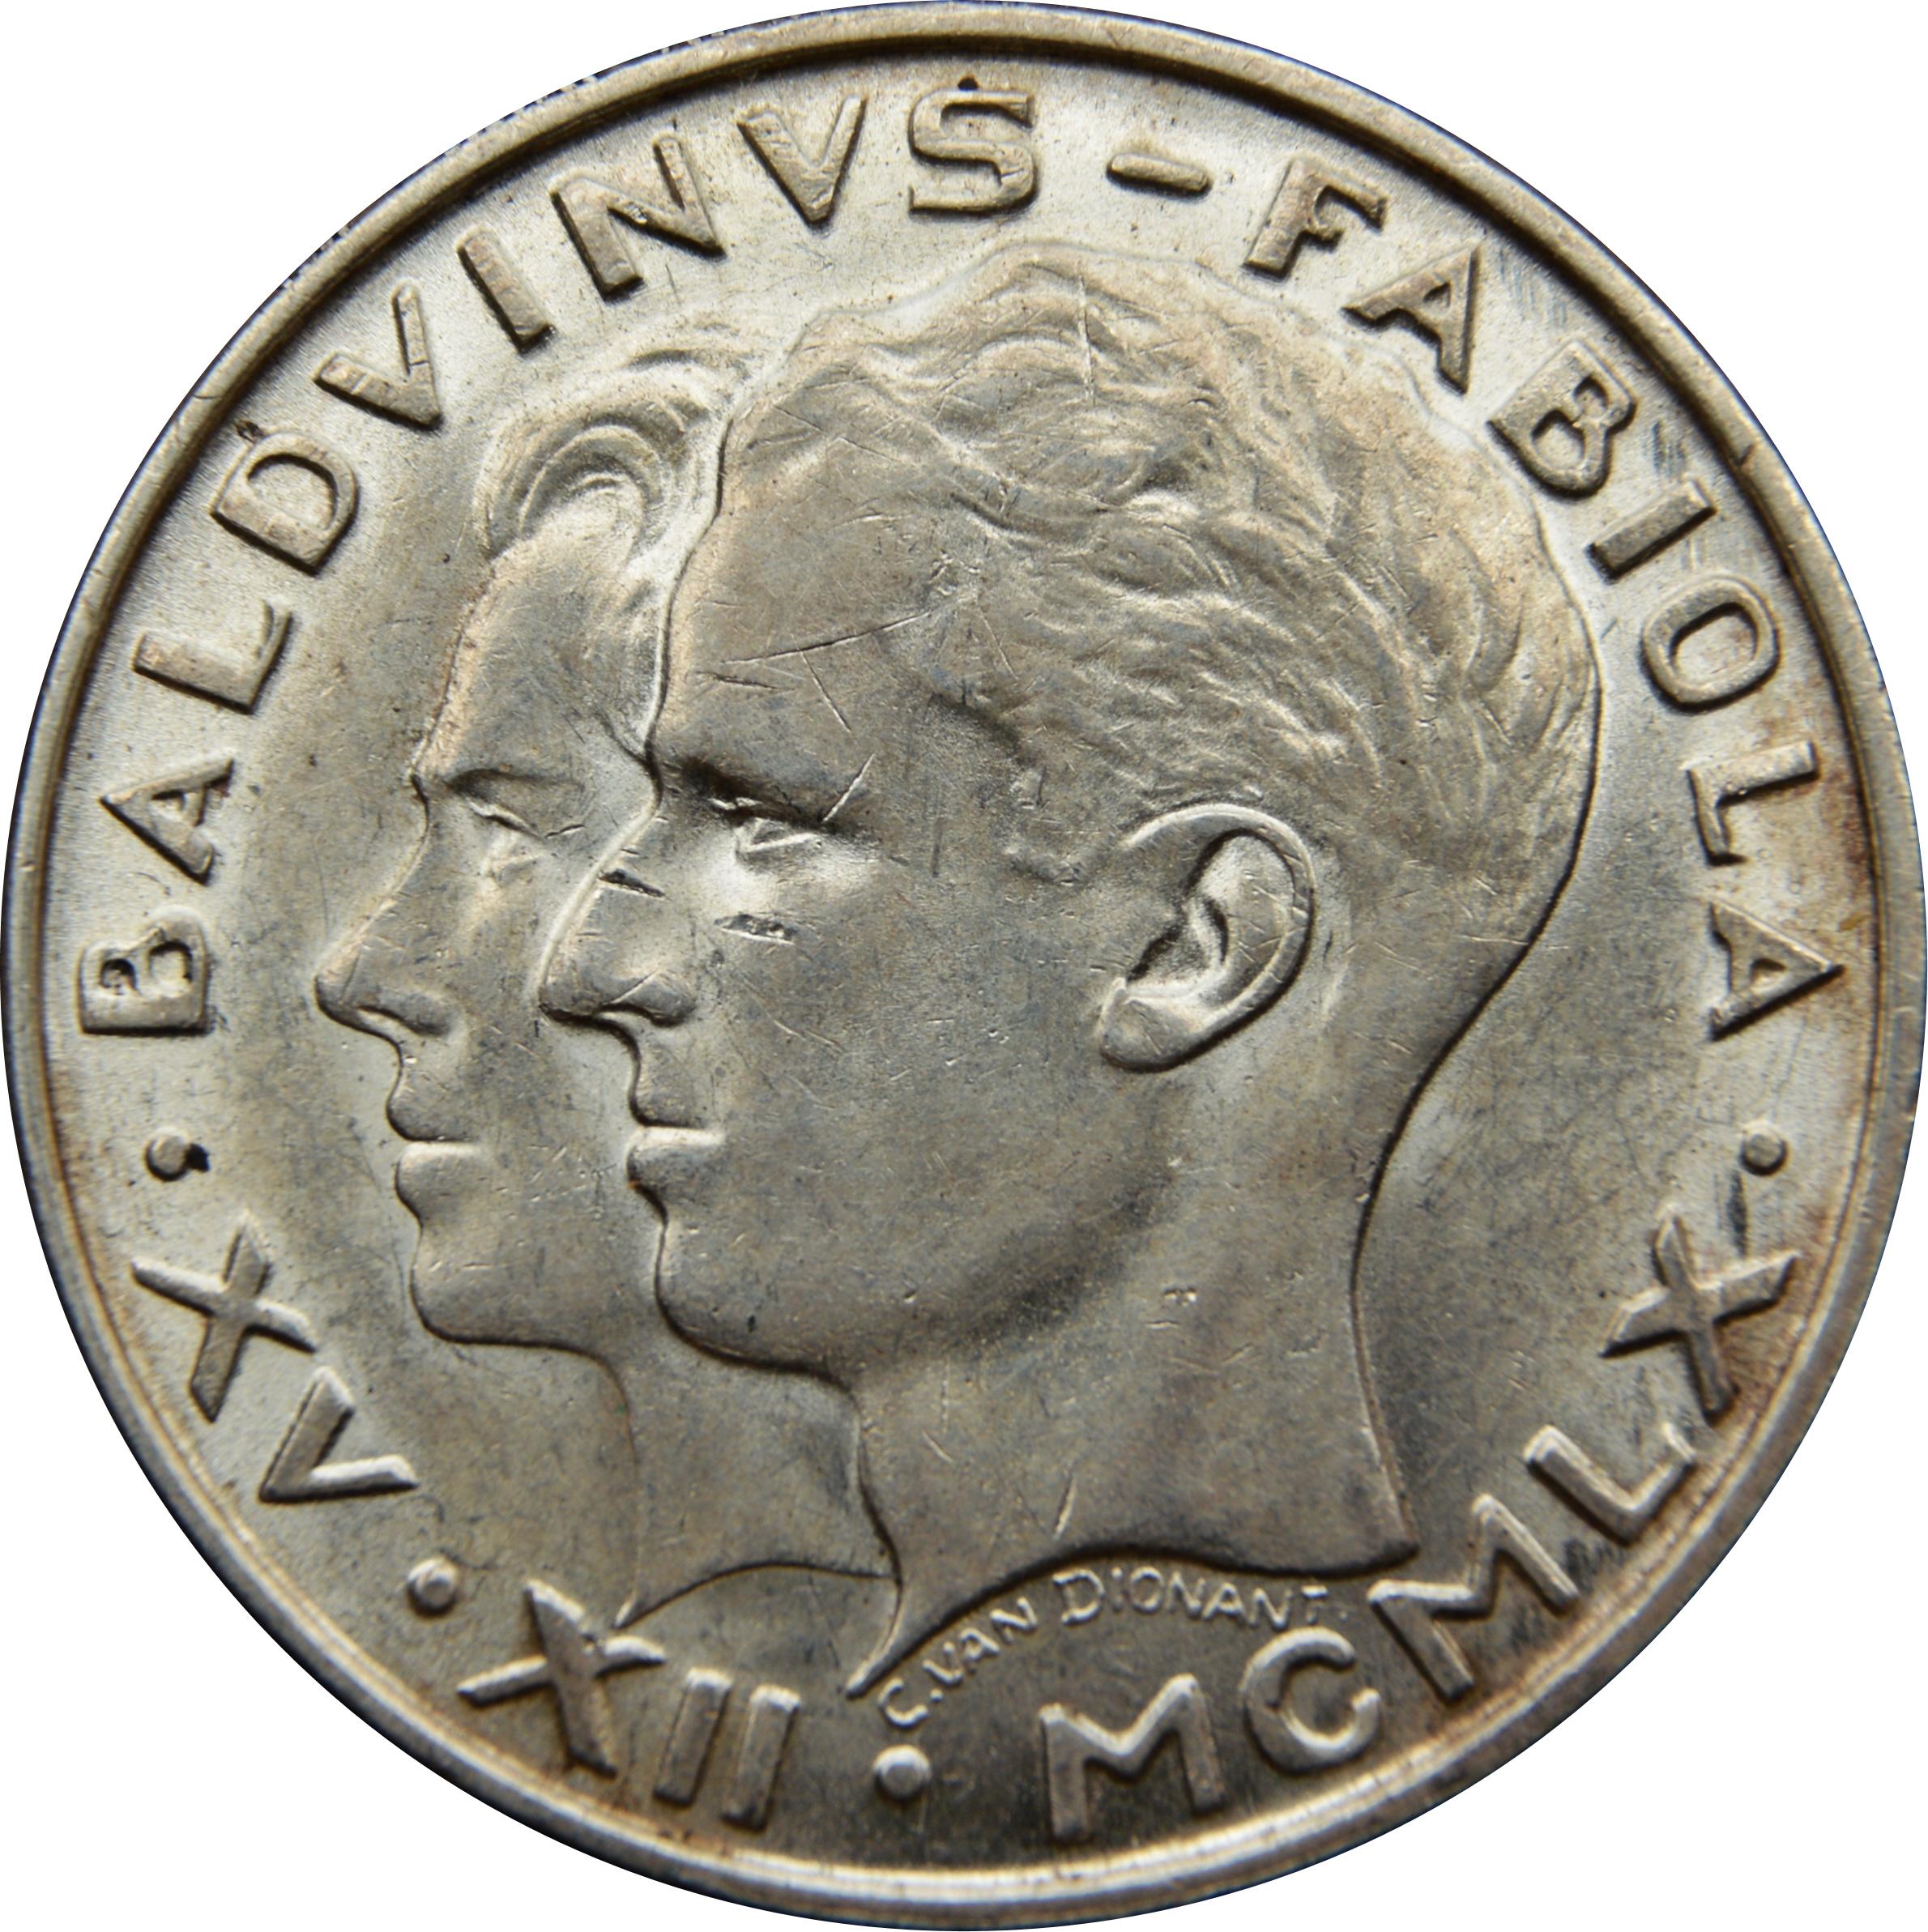 50 francs - Baudouin - mariage du roi Baudouin et de la reine Fabiola 779d2bc87452